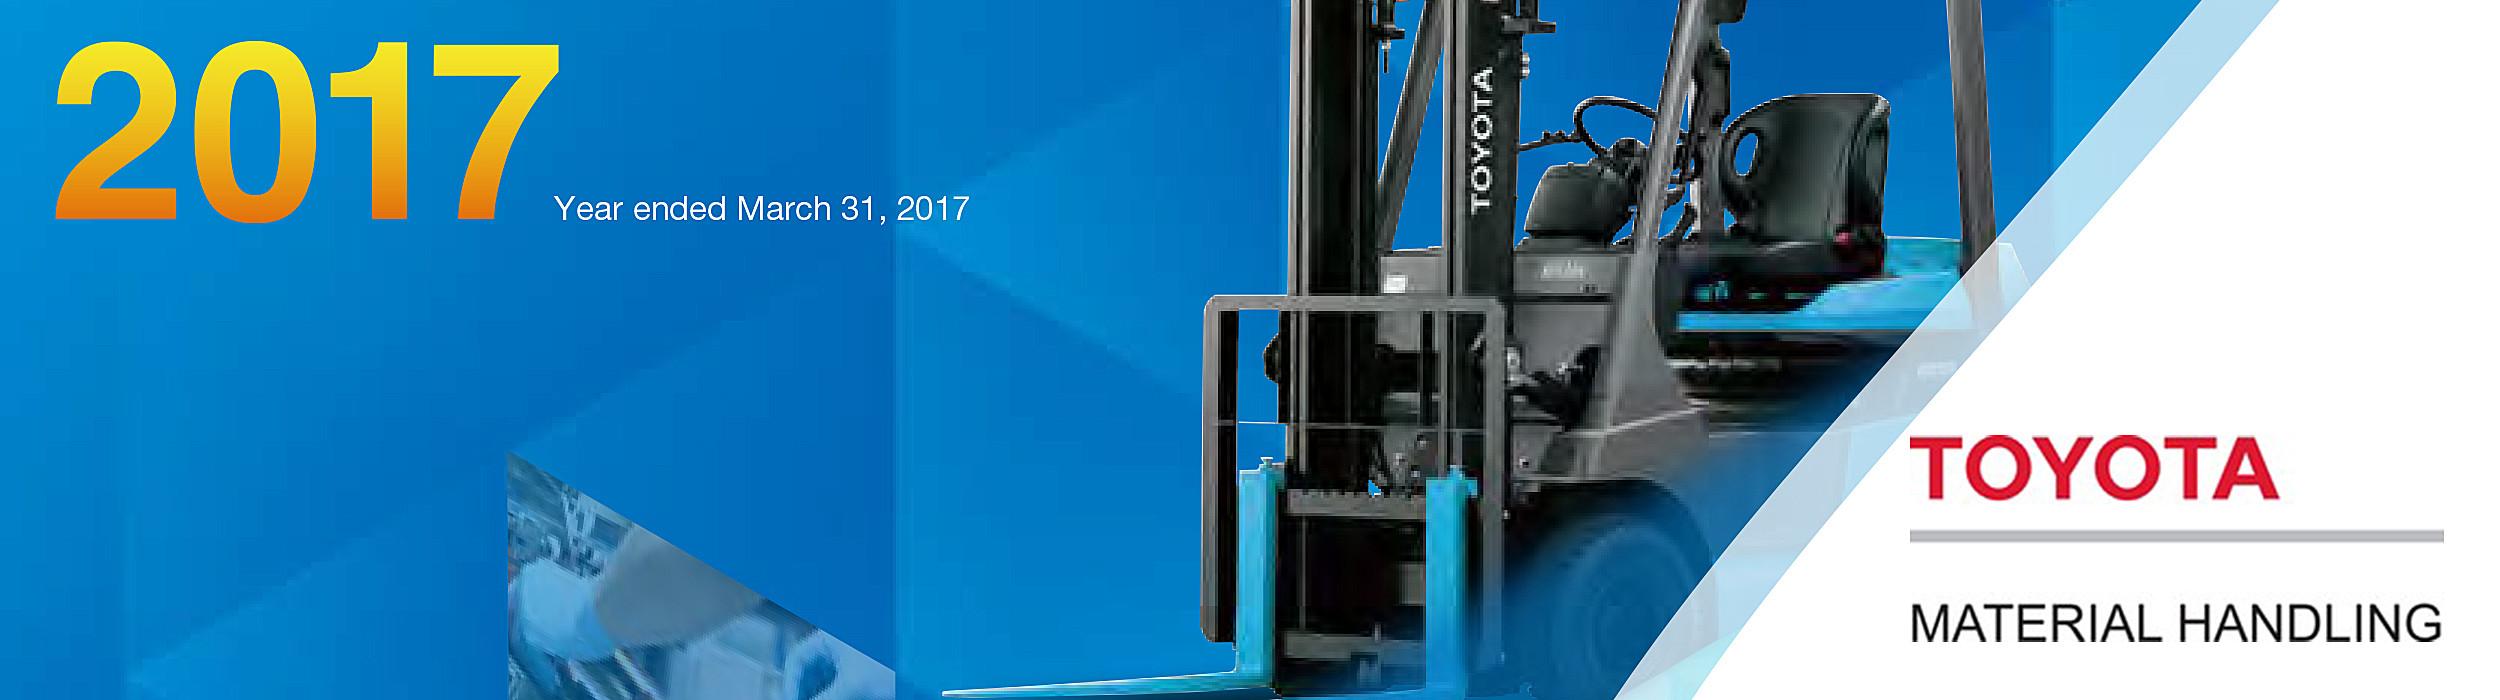 Résultats et fiscaux de Toyota Material Handling en 2017